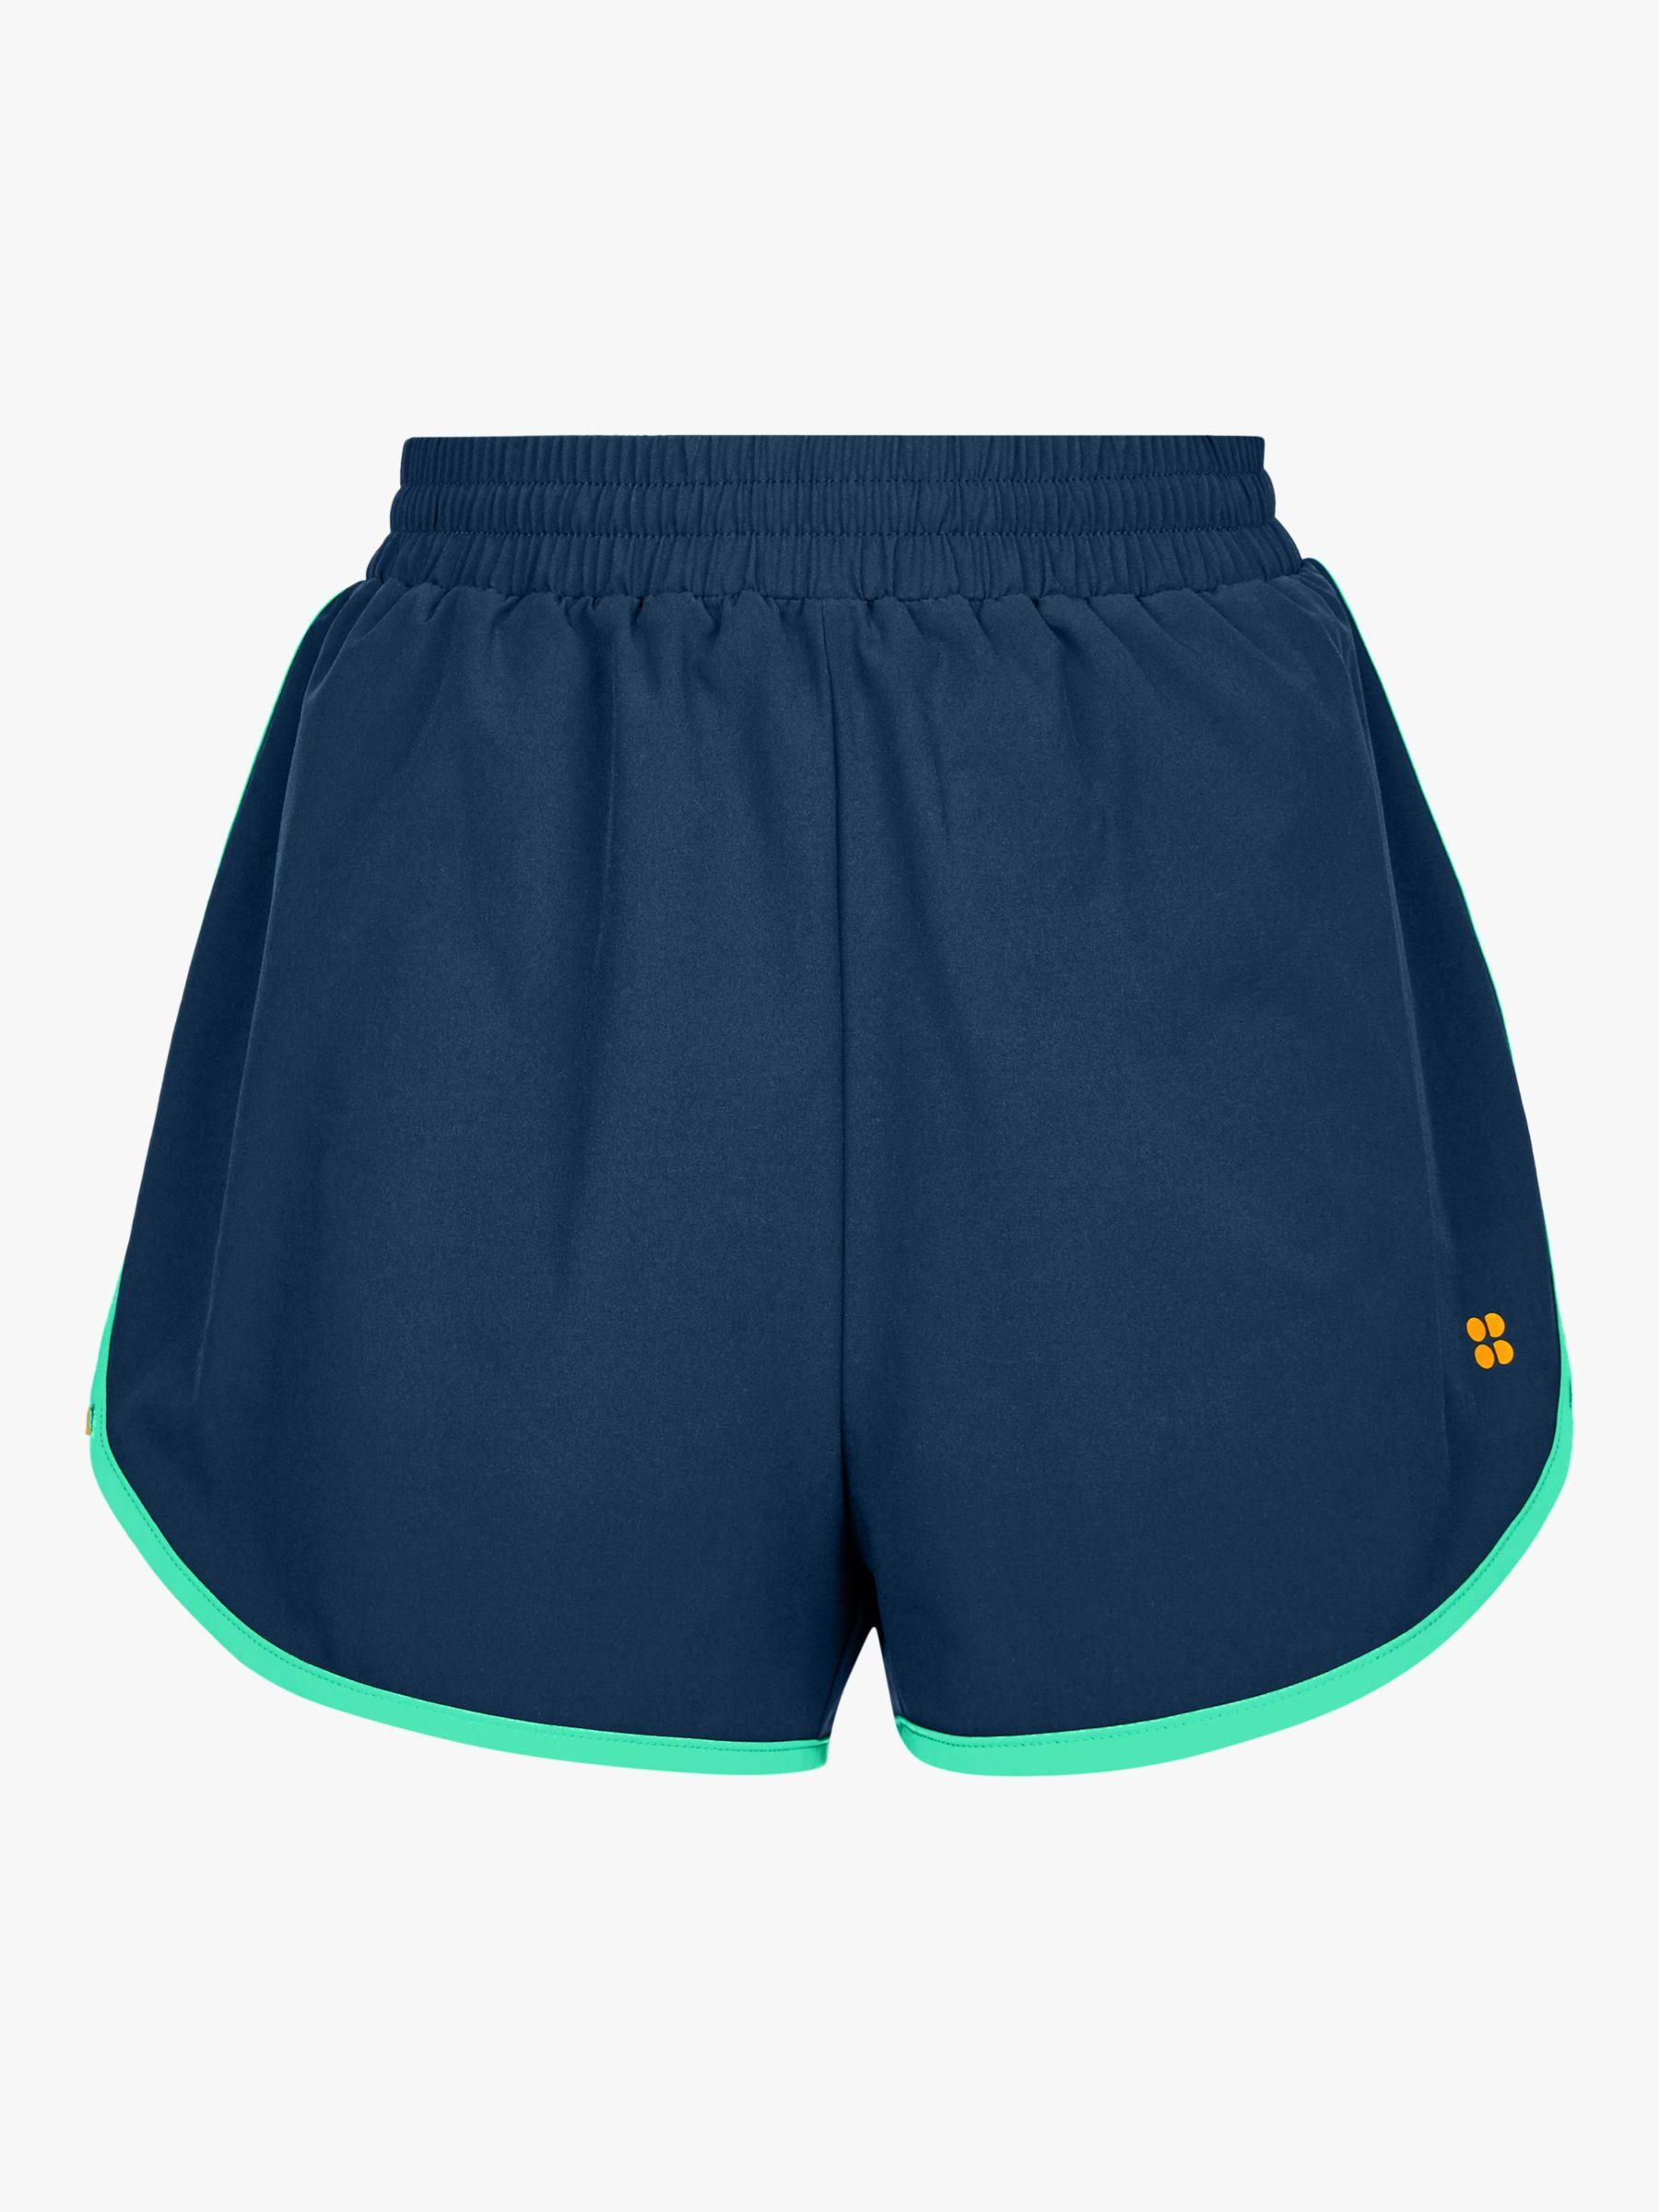 Sweaty Betty Surf Board Shorts, Beetle Blue